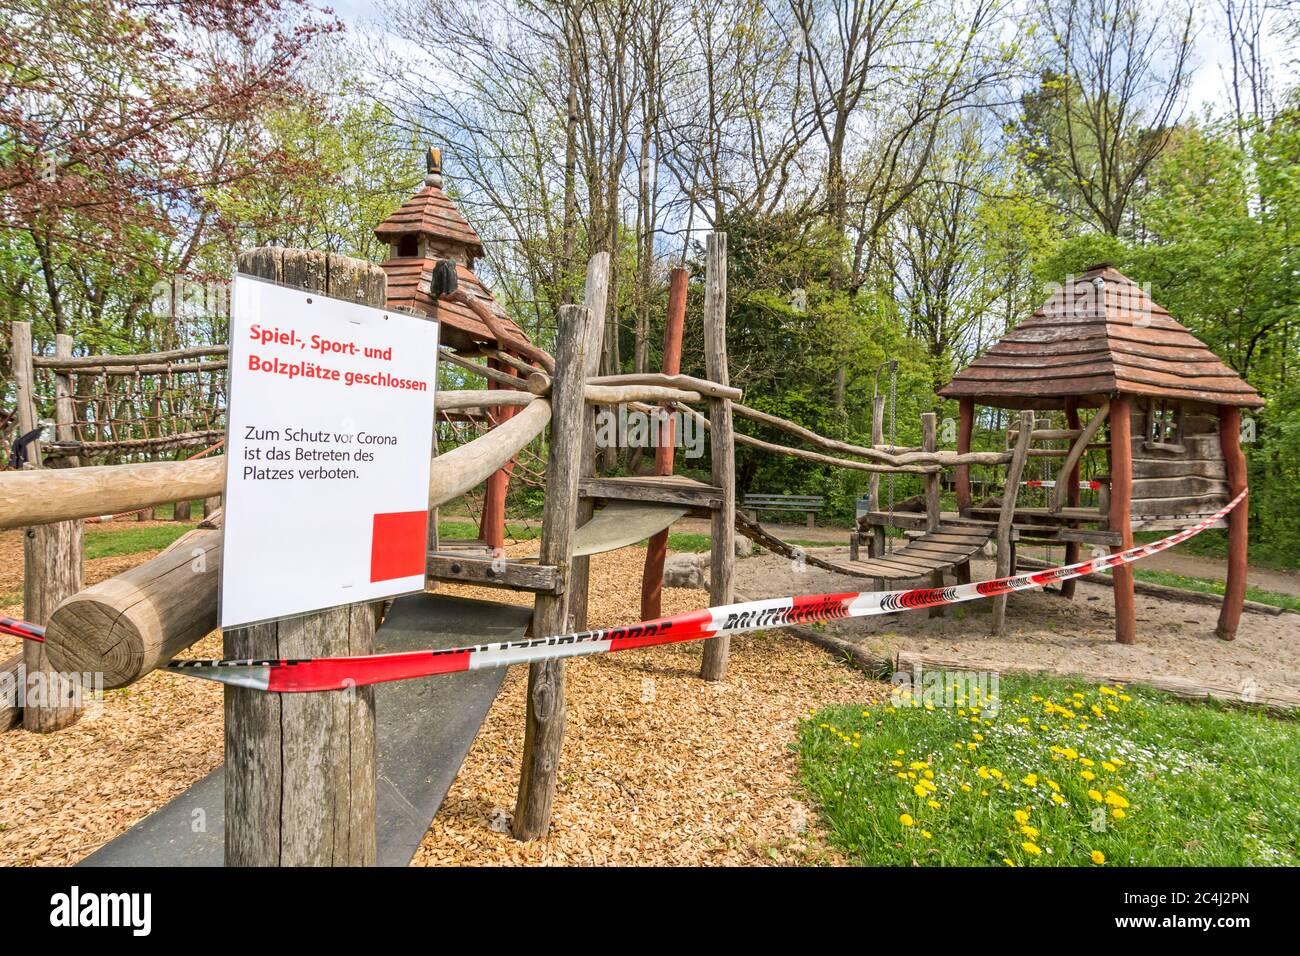 Parque cerrado con cinta de policía y señal de advertencia (texto en alemán: Patio cerrado) debido al virus de la Corona (Covid-19) Foto de stock